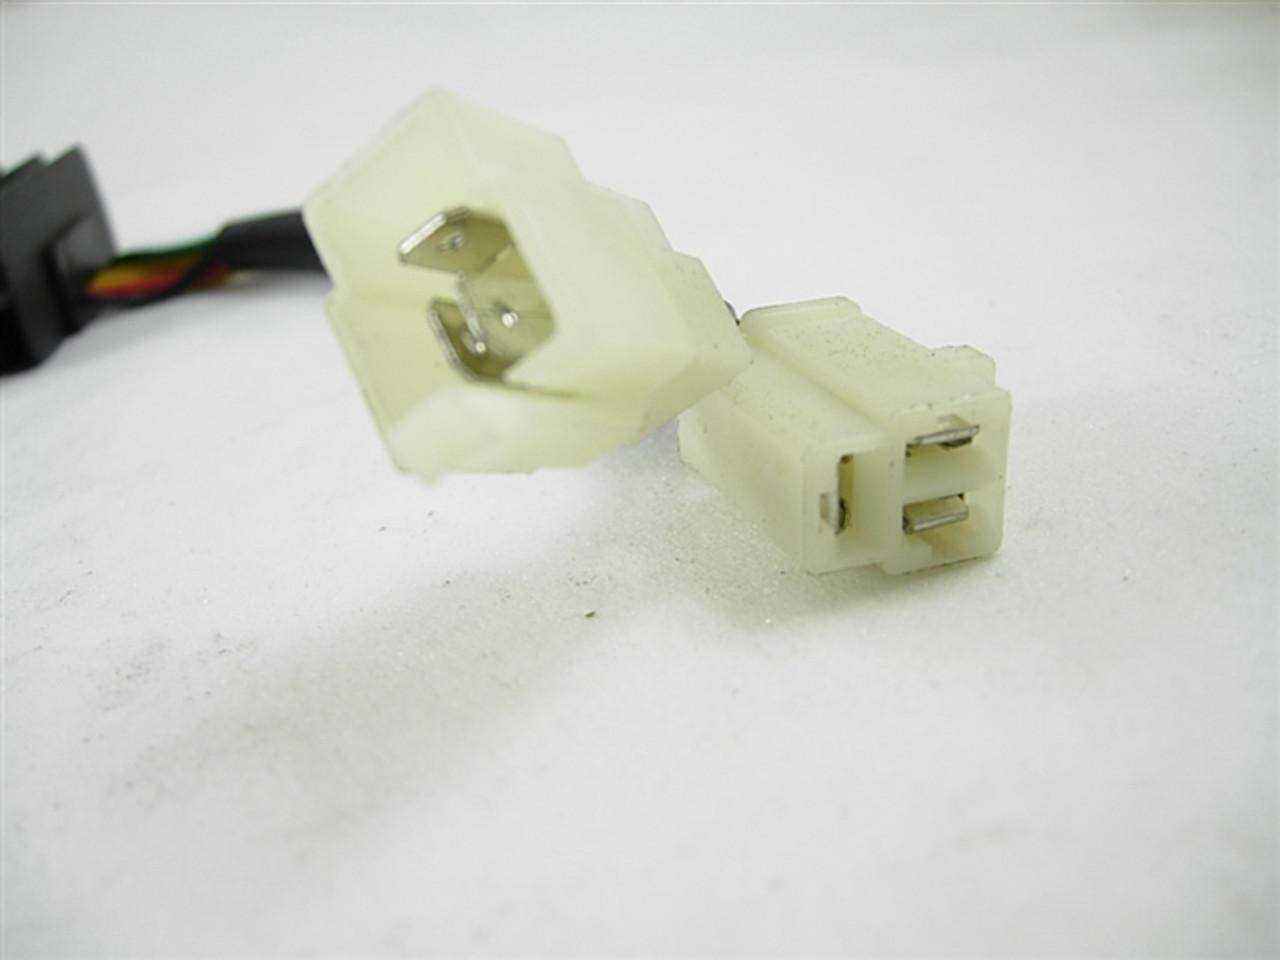 rectifier/regulator 13079-a172-1